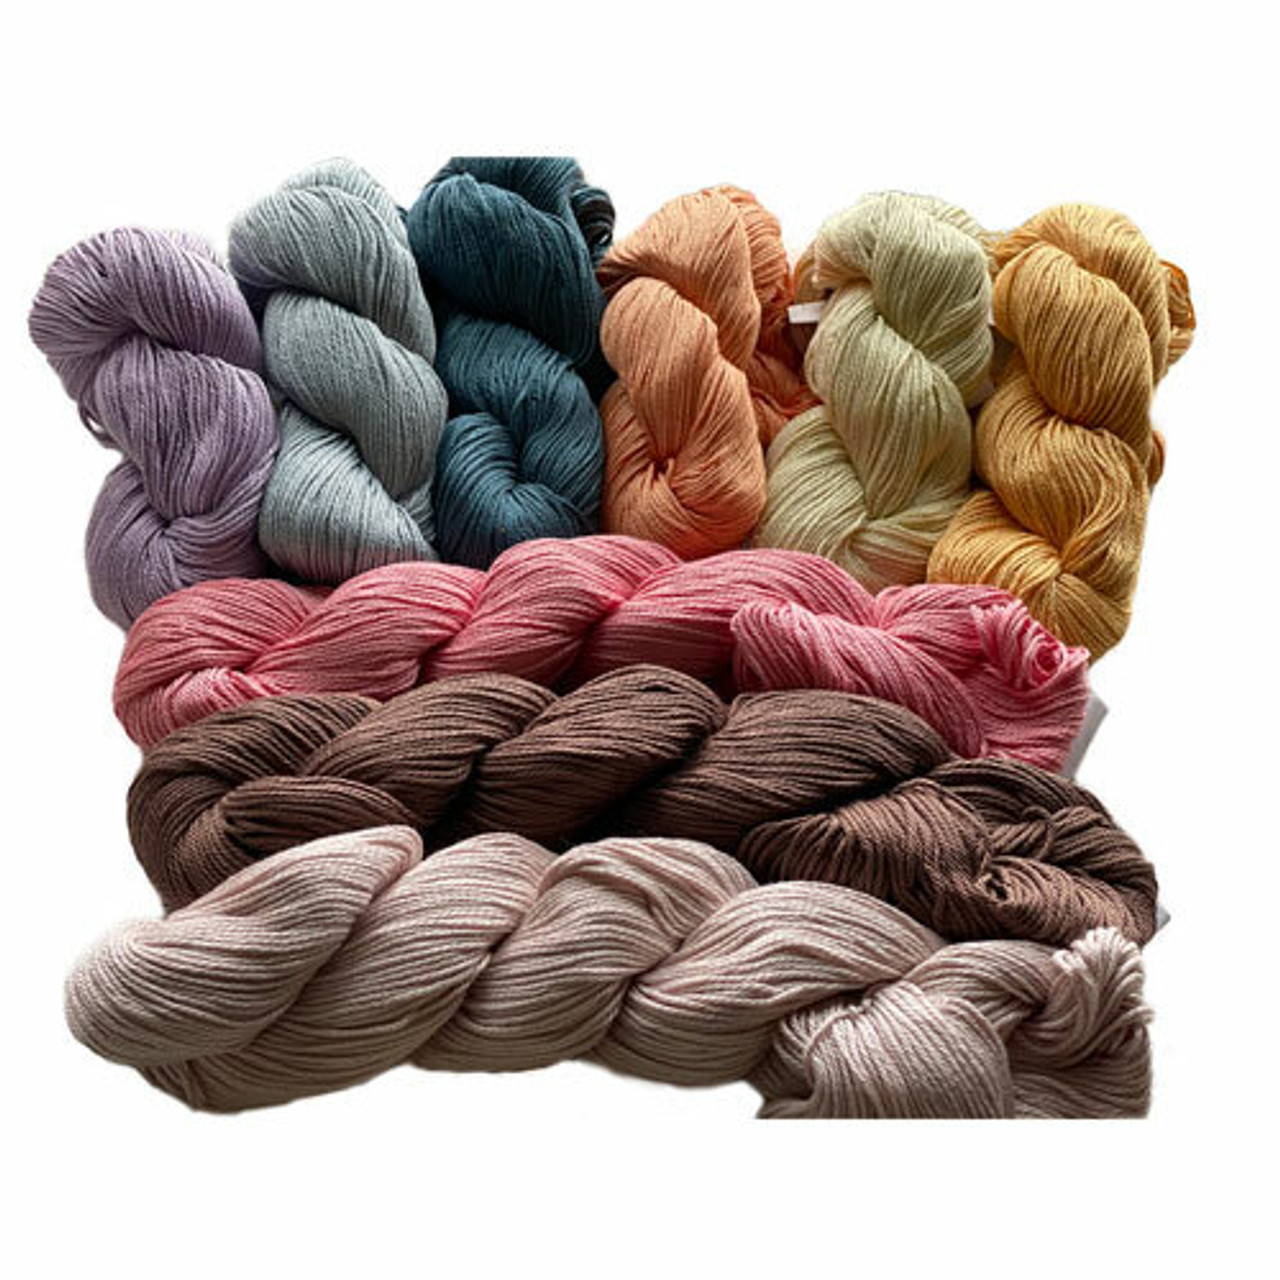 Cascade Yarns Ultra Pima 100% Cotton